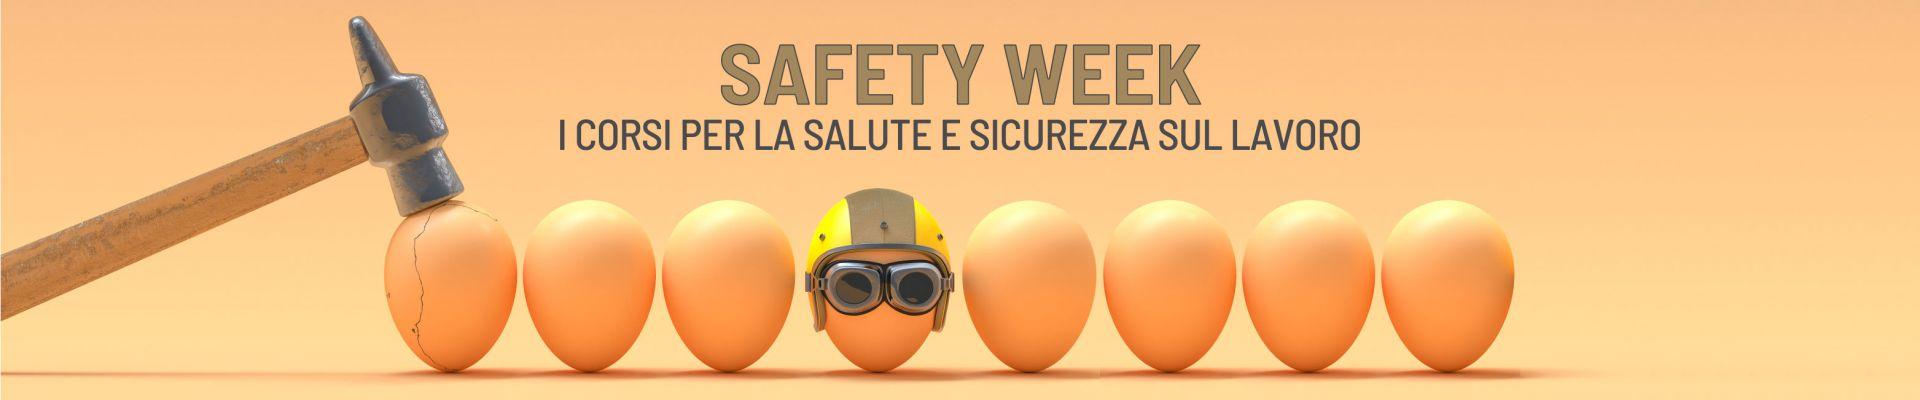 corsi per la sicurezza e salute sul lavoro